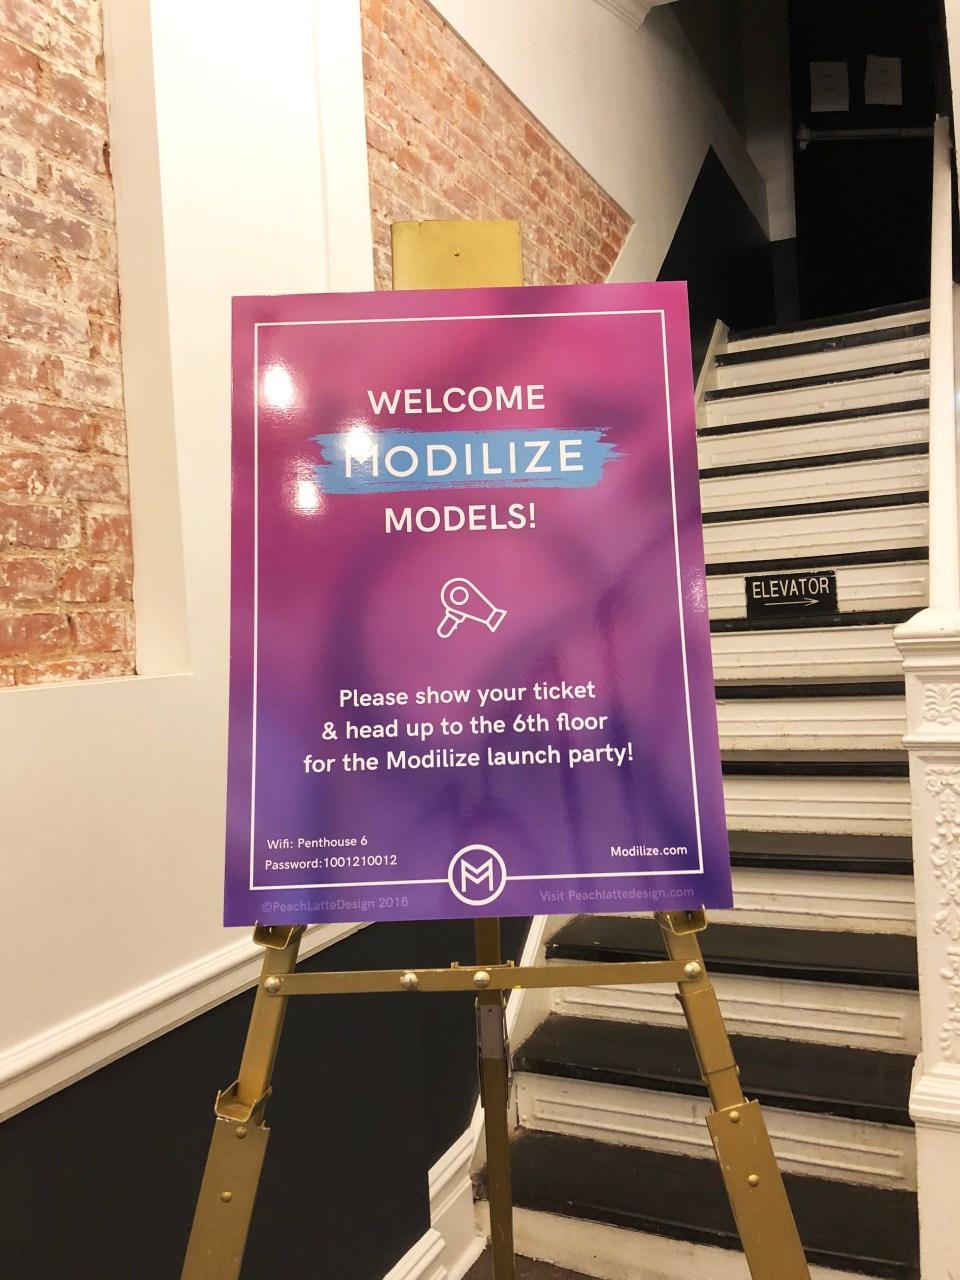 Modilize Launch Party